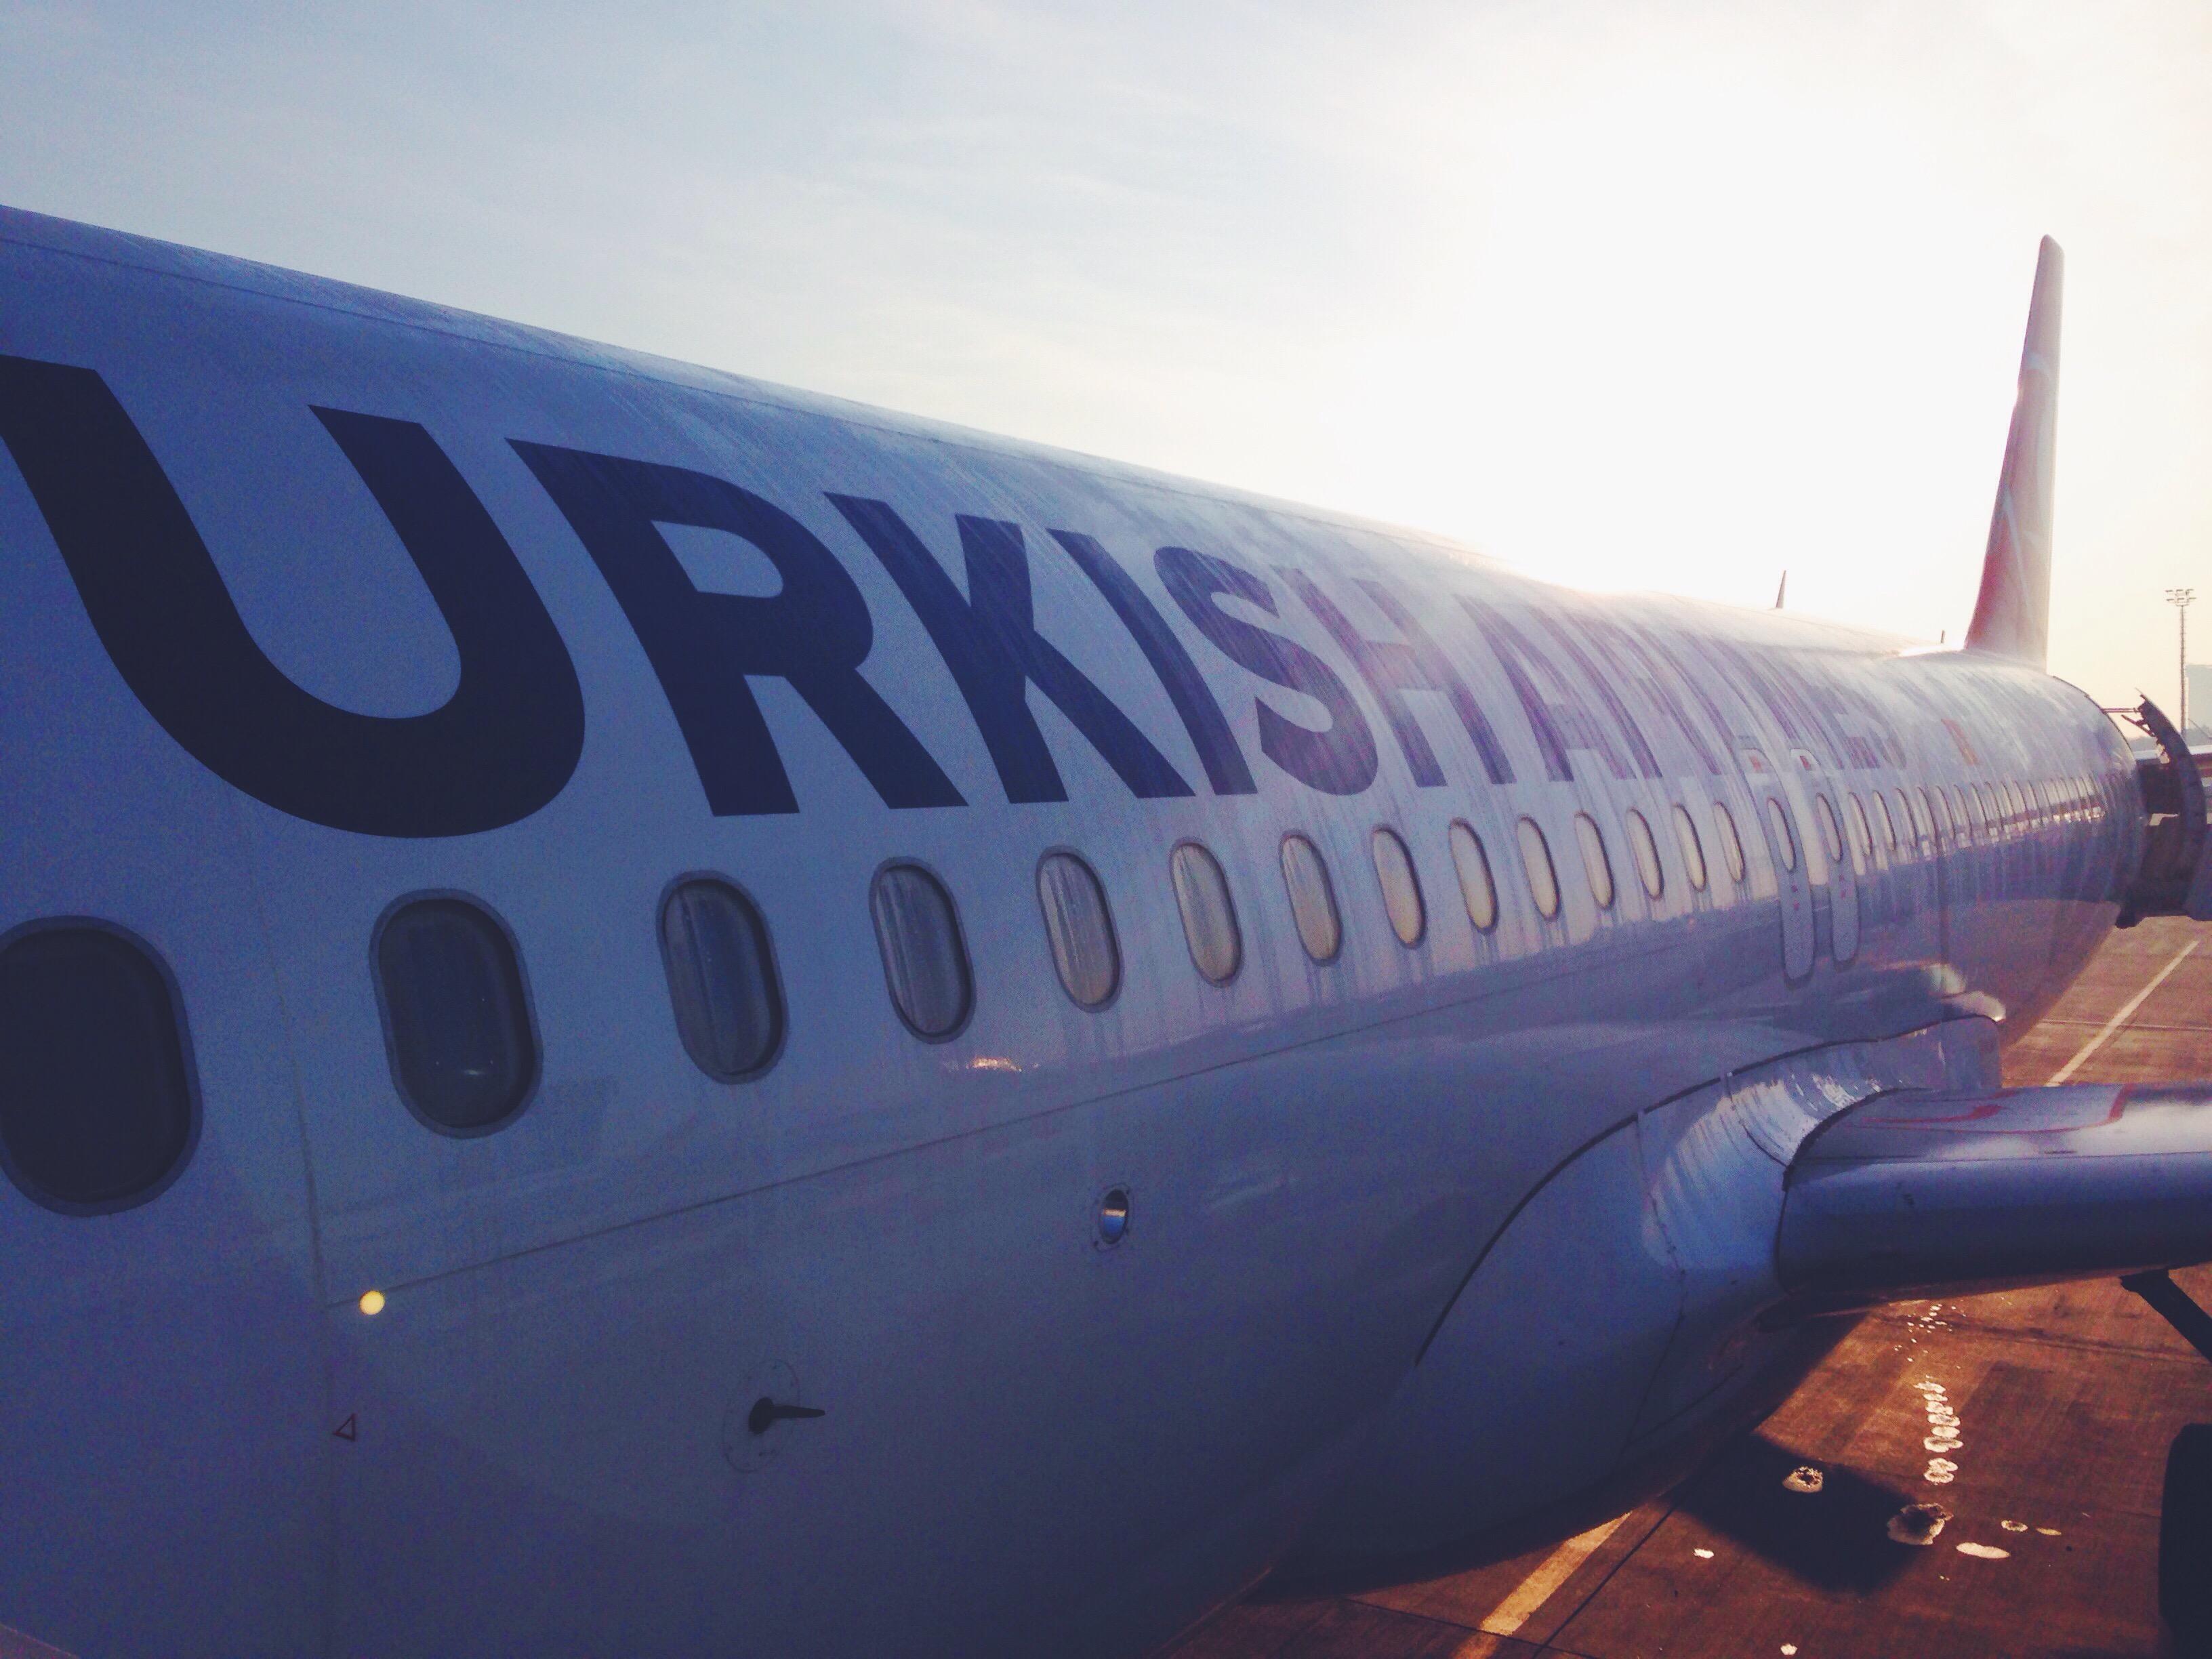 Un lungo scalo all'aeroporto di Instanbul